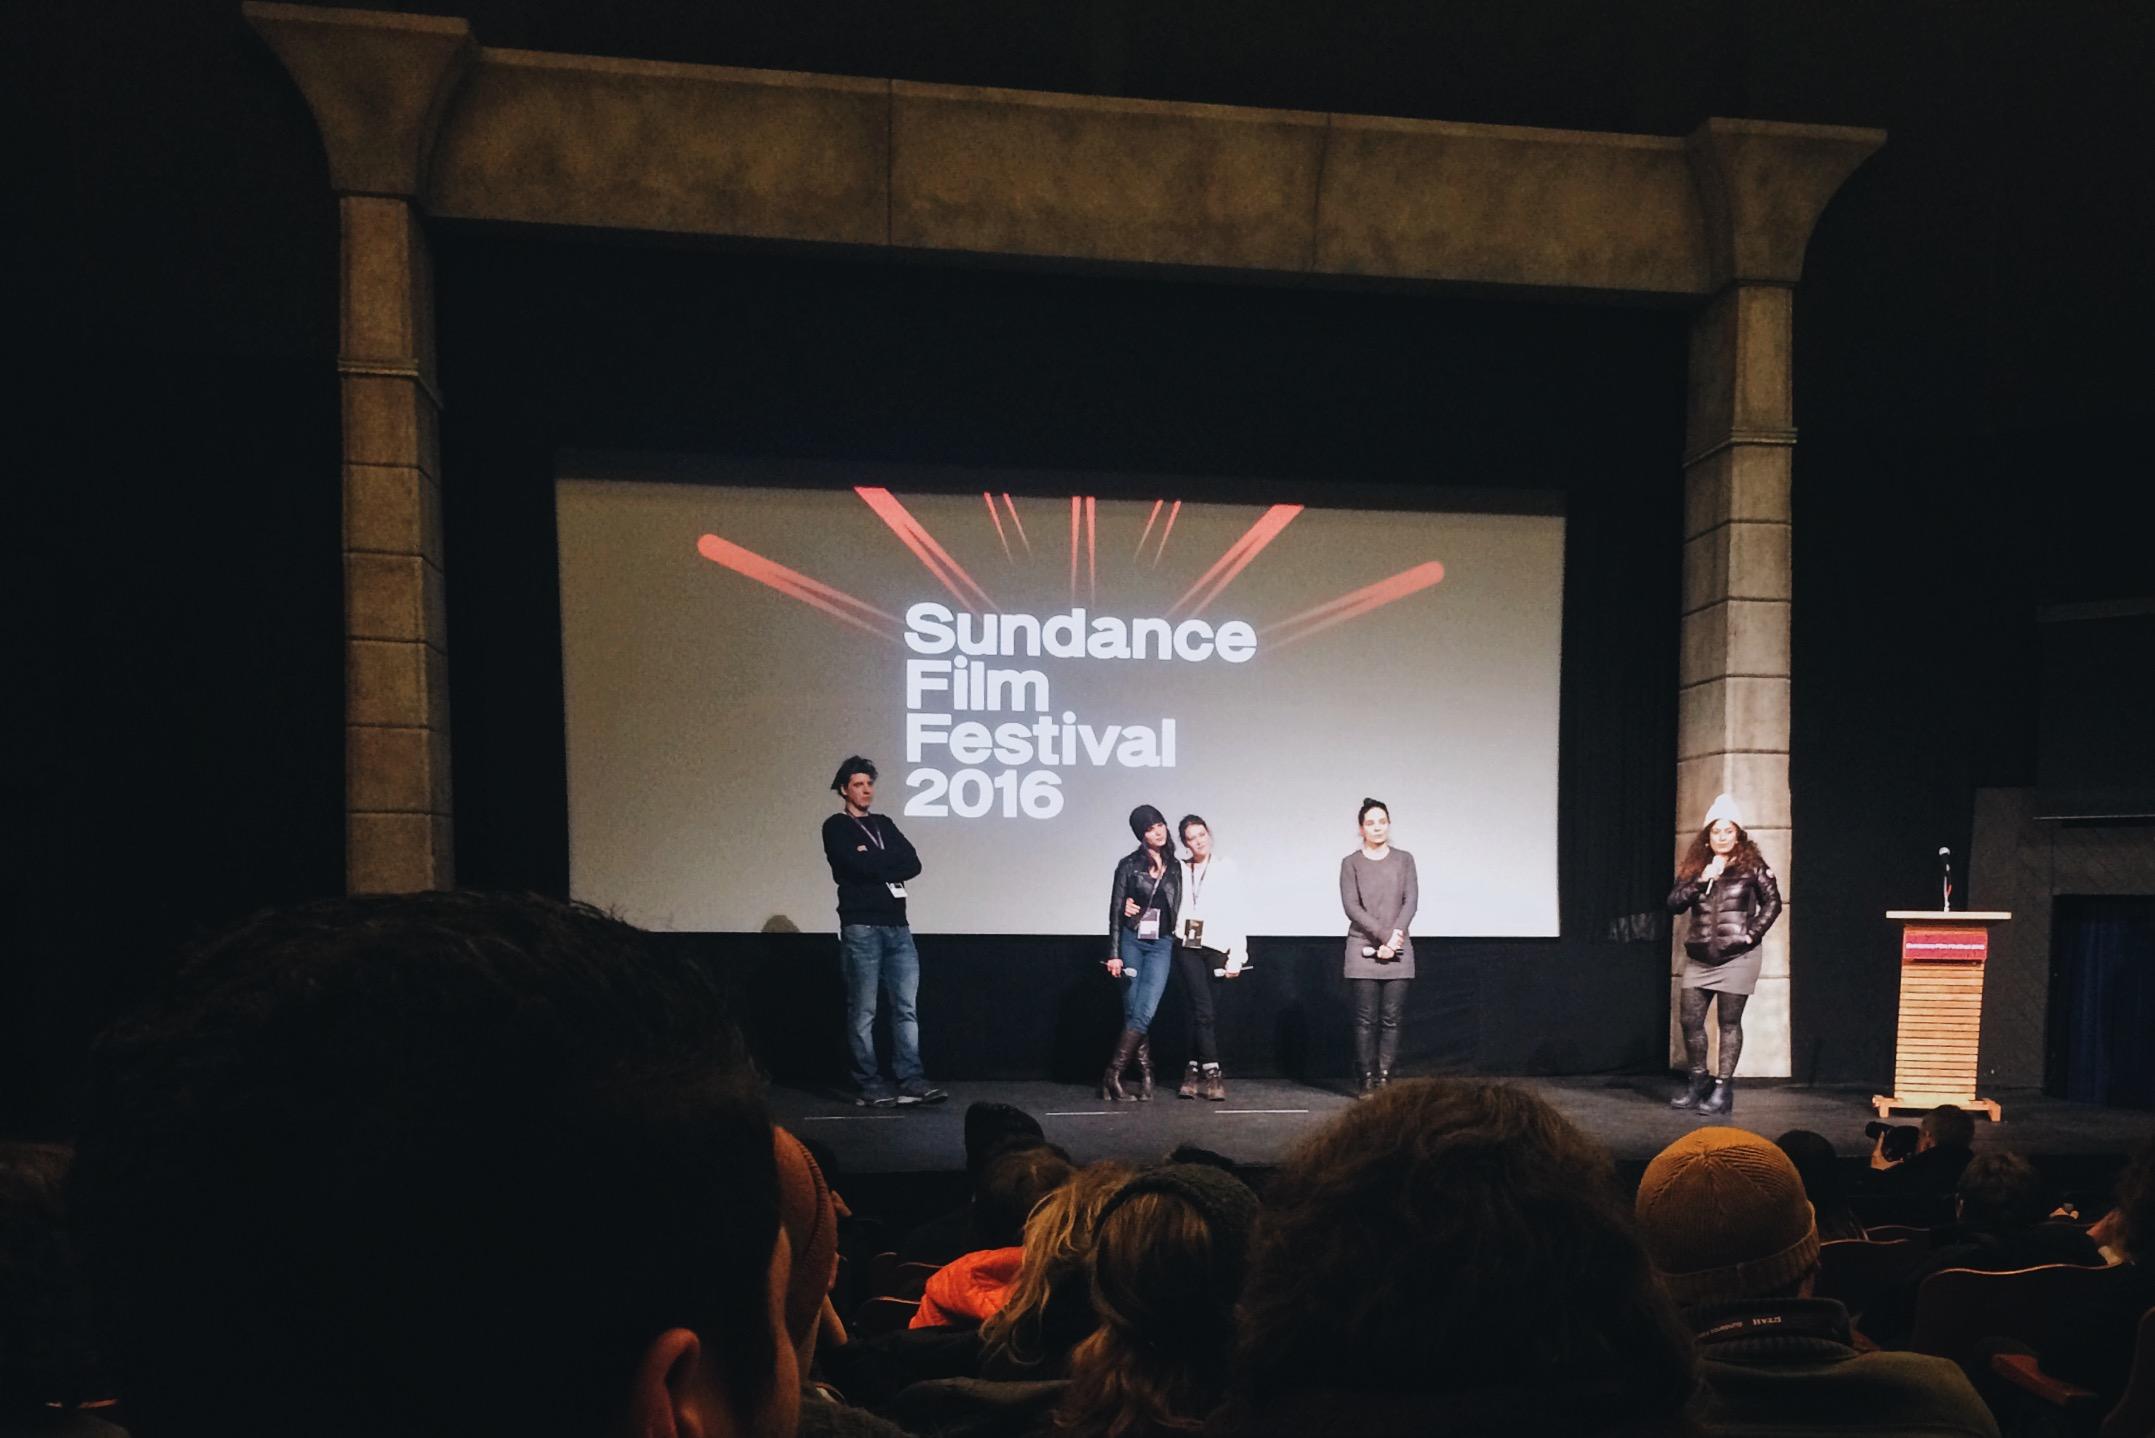 Sundance Film Festival, Park City, Utah.